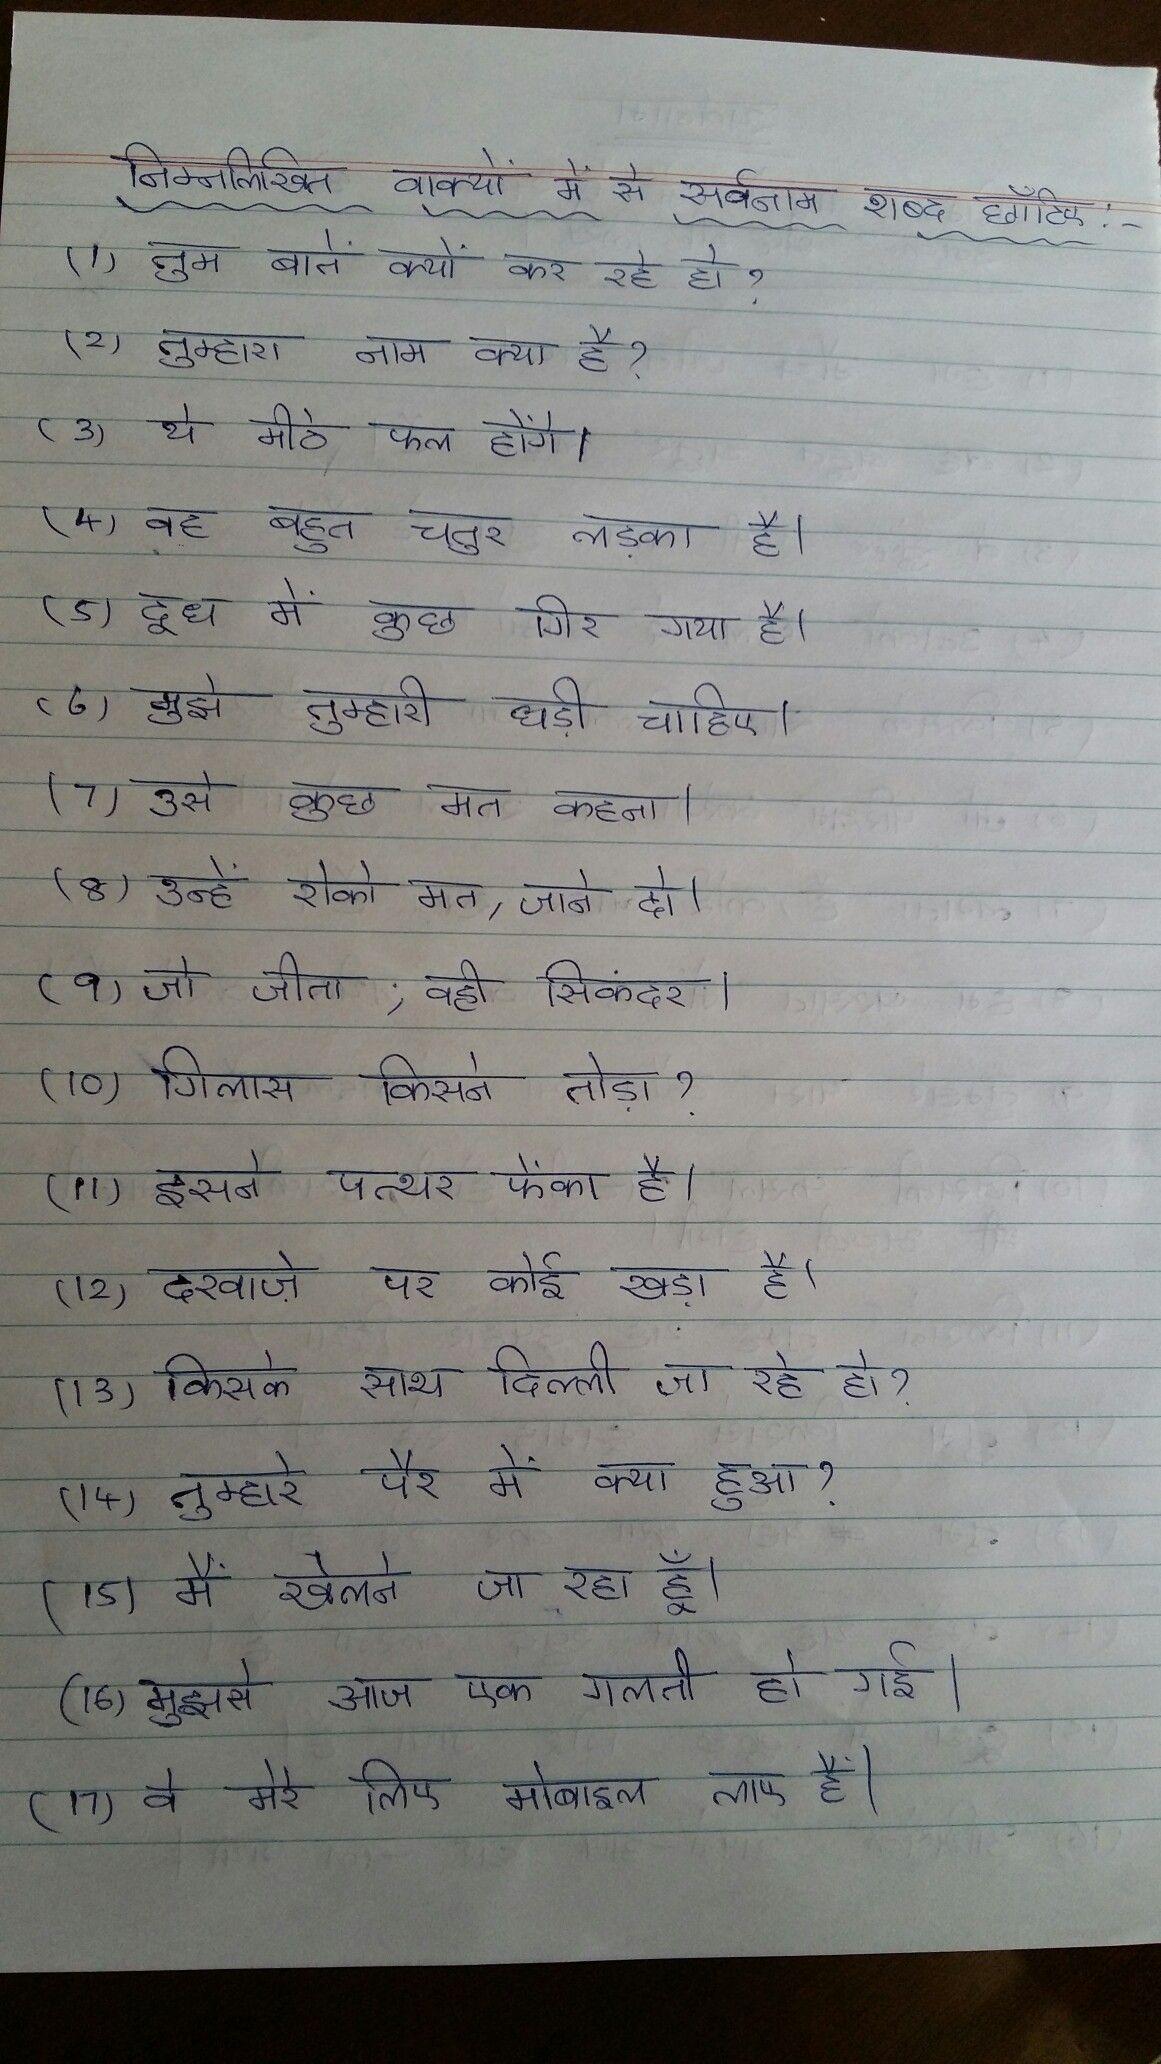 hight resolution of Hindi grammar -SARVANAM WORKSHEETS -PNV   Hindi worksheets